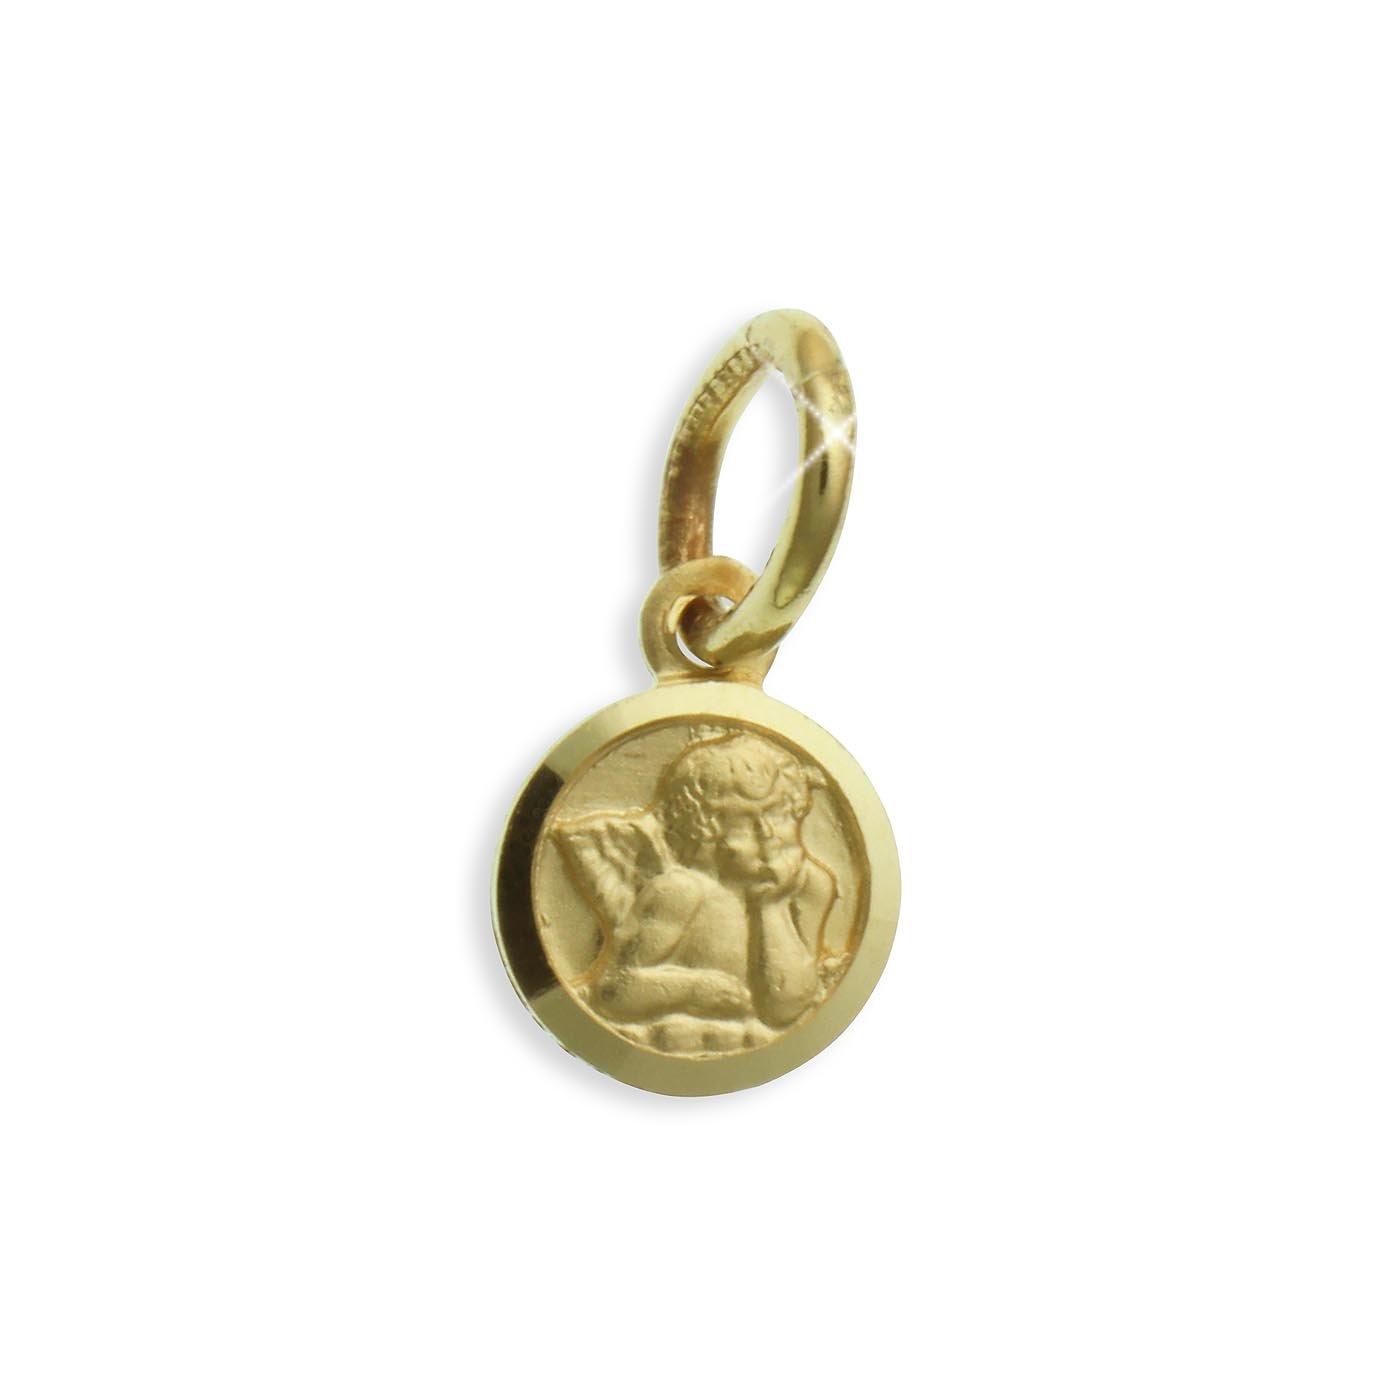 Kleiner Schutzengel Anhänger echt 14 Karat Gold 585 Durchmesser 6mm (Art213134) Viennagold